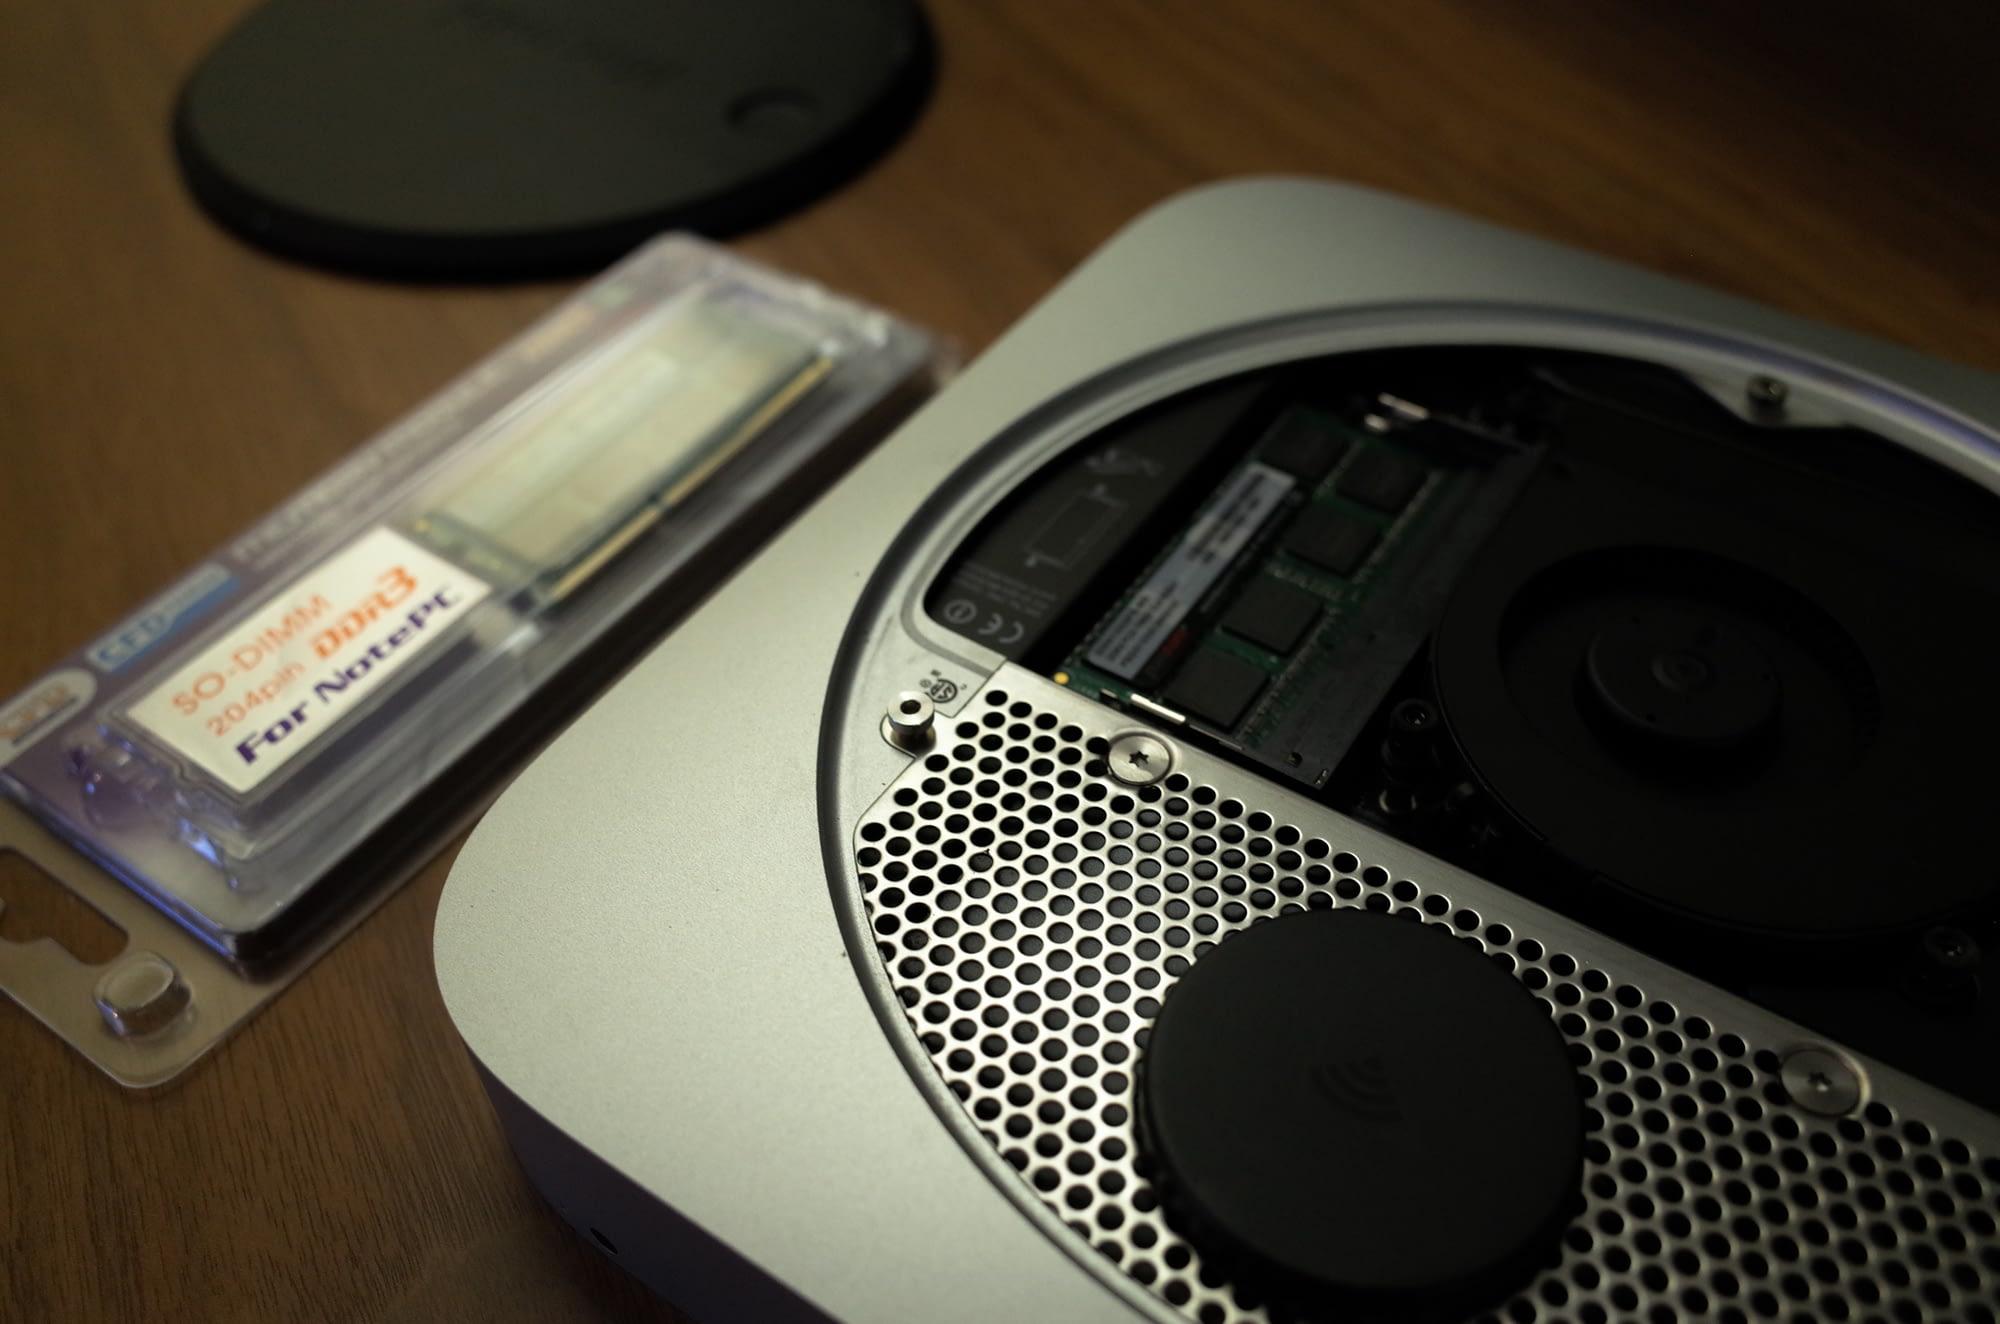 2011 midモデル。Apple Storeオンラインで2.7GHz Core i7、SSD 256GBに載せ替えして購入したやつ